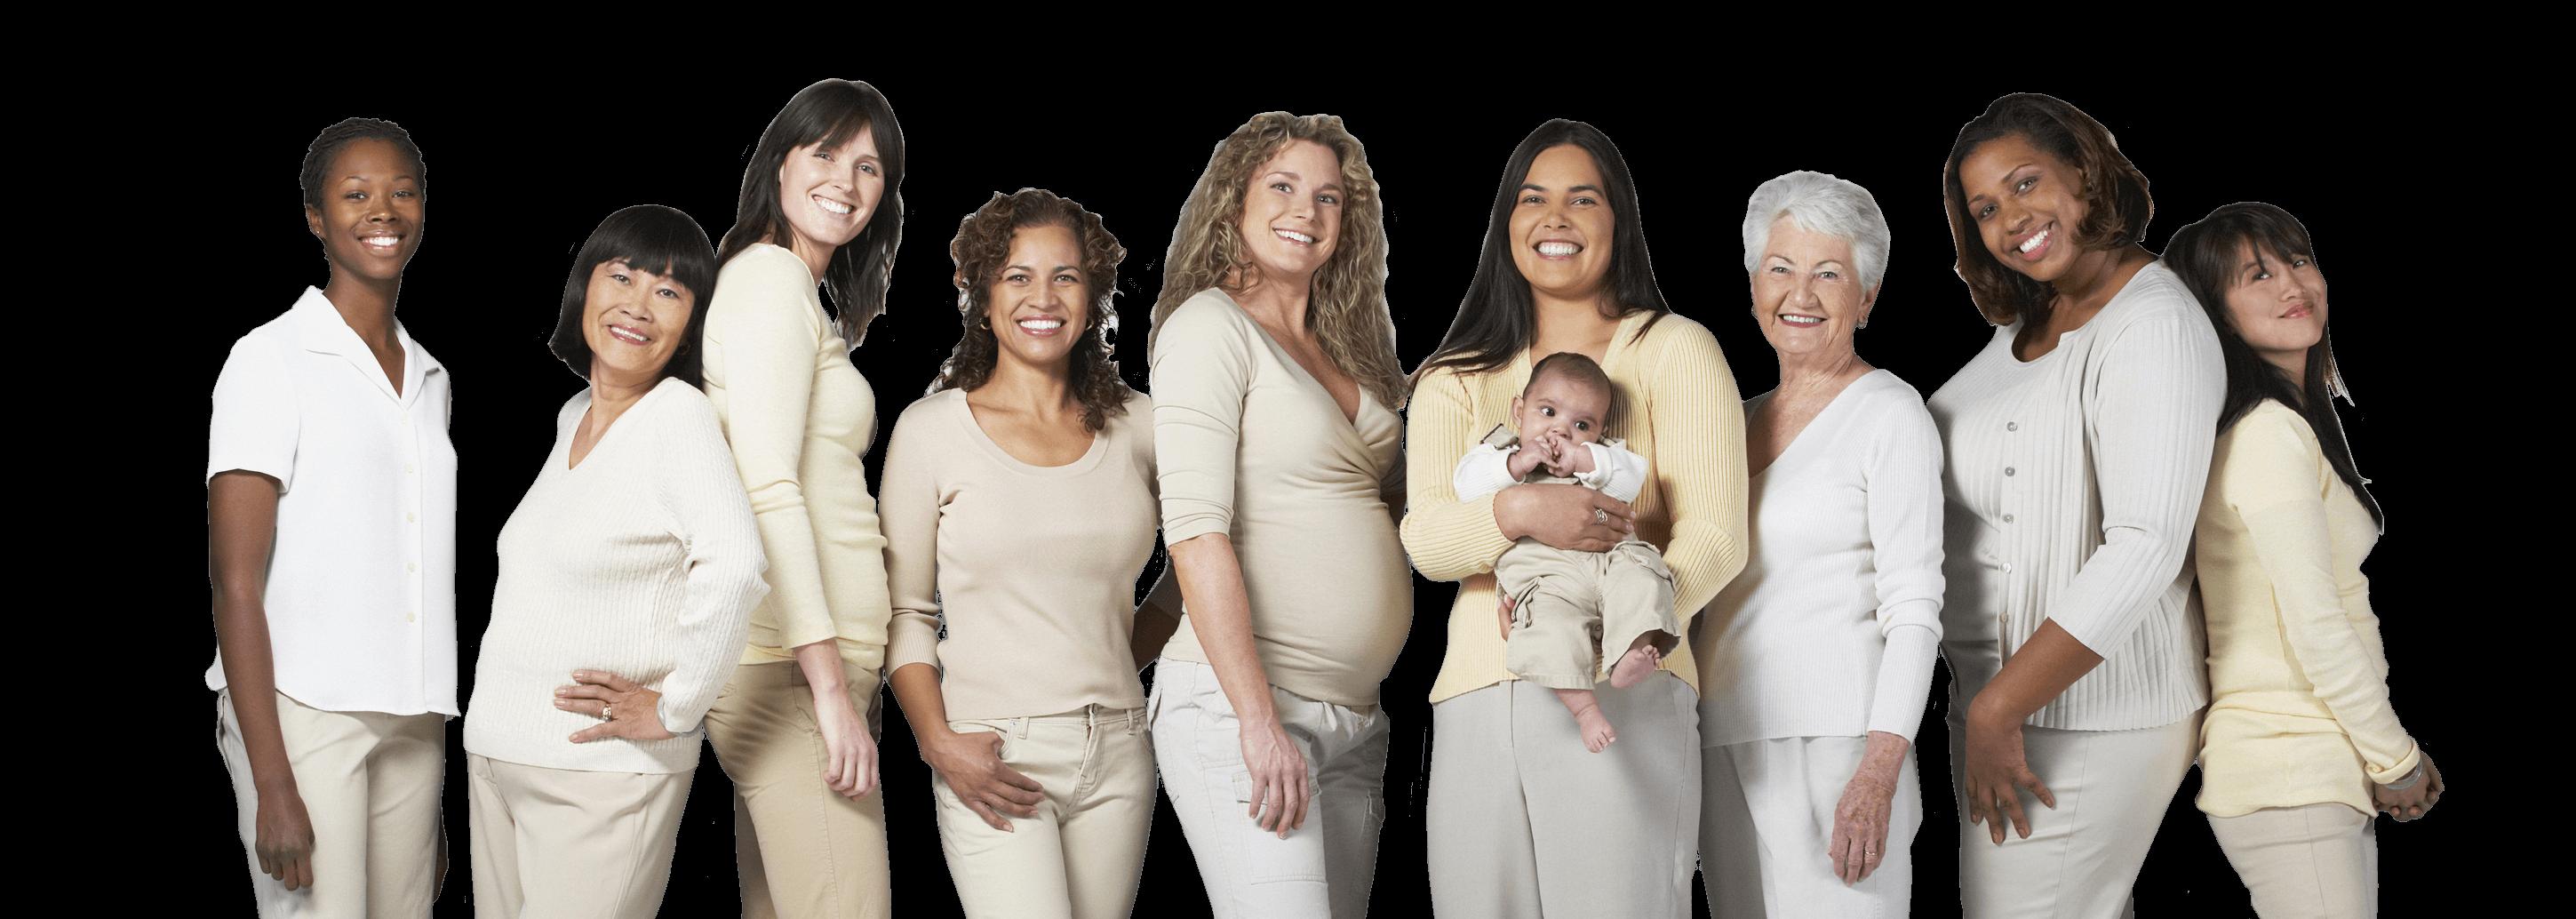 Zeid's Women's Health Center